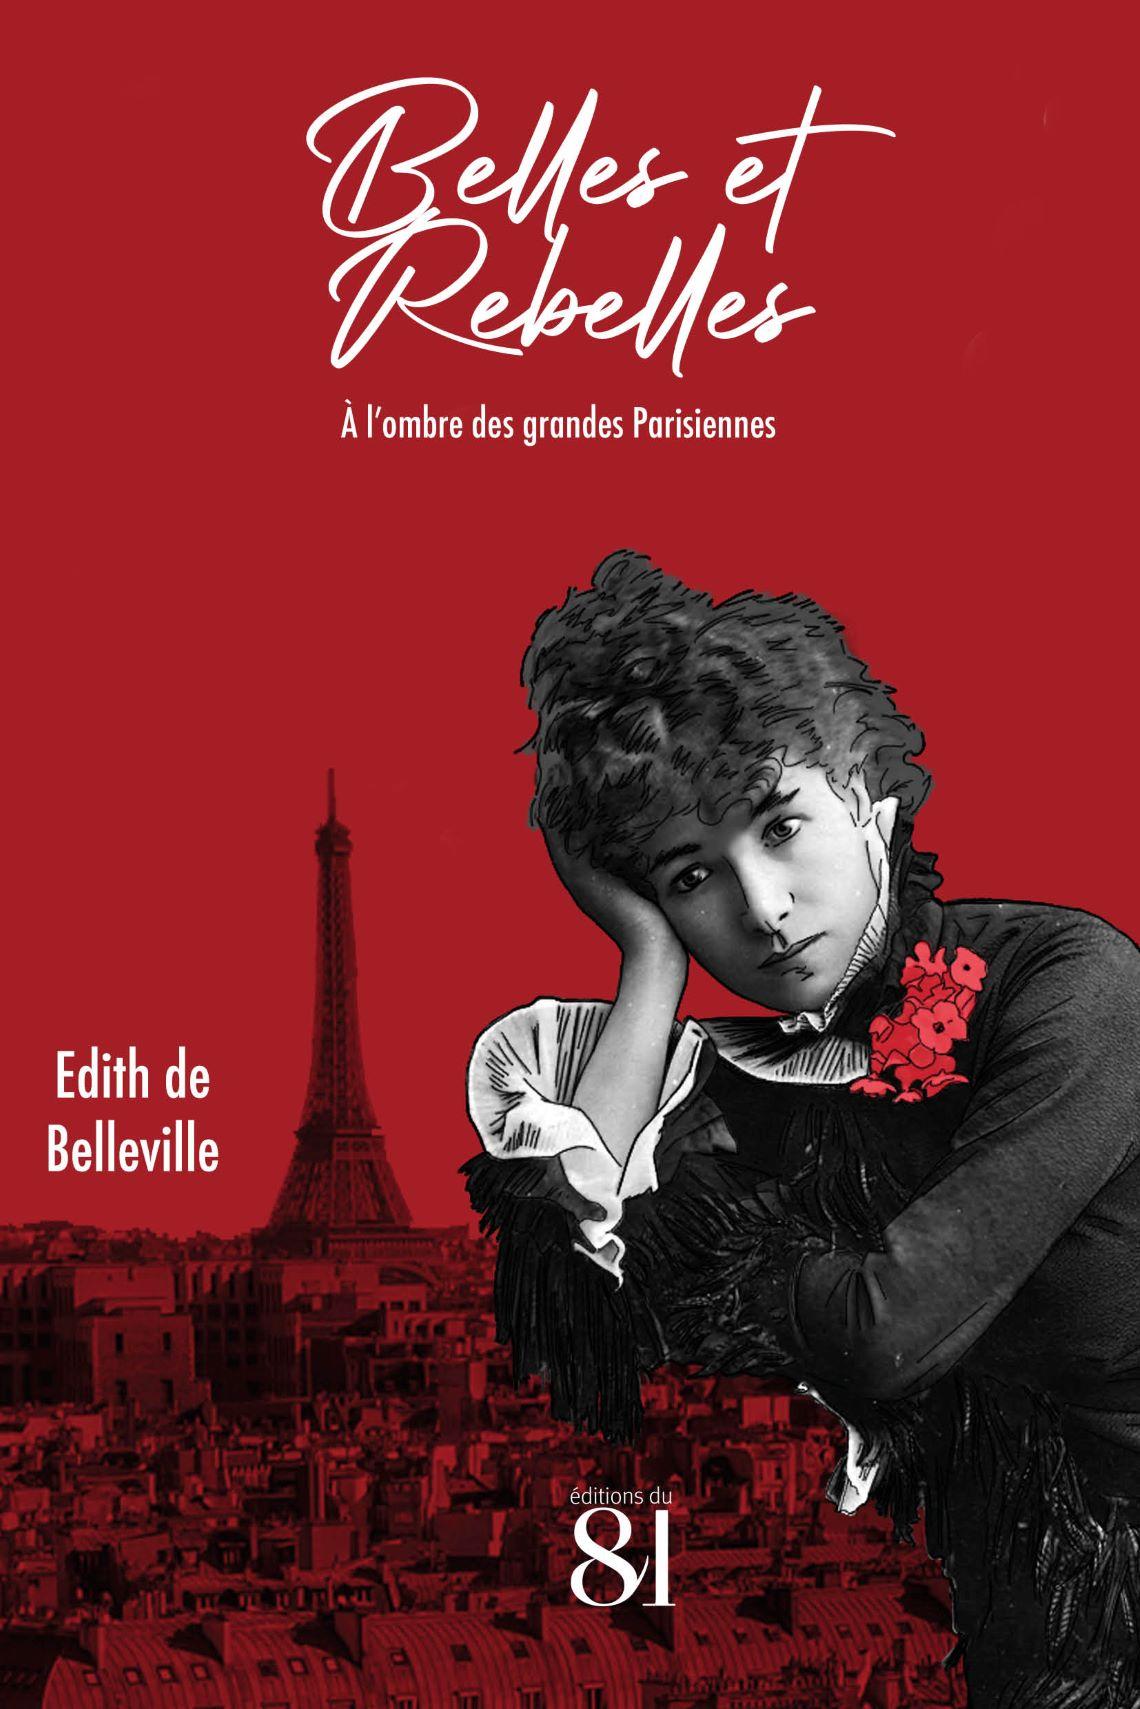 Couverture du livre Belles et rebelles de l'écrivaine Edith de Belleville.